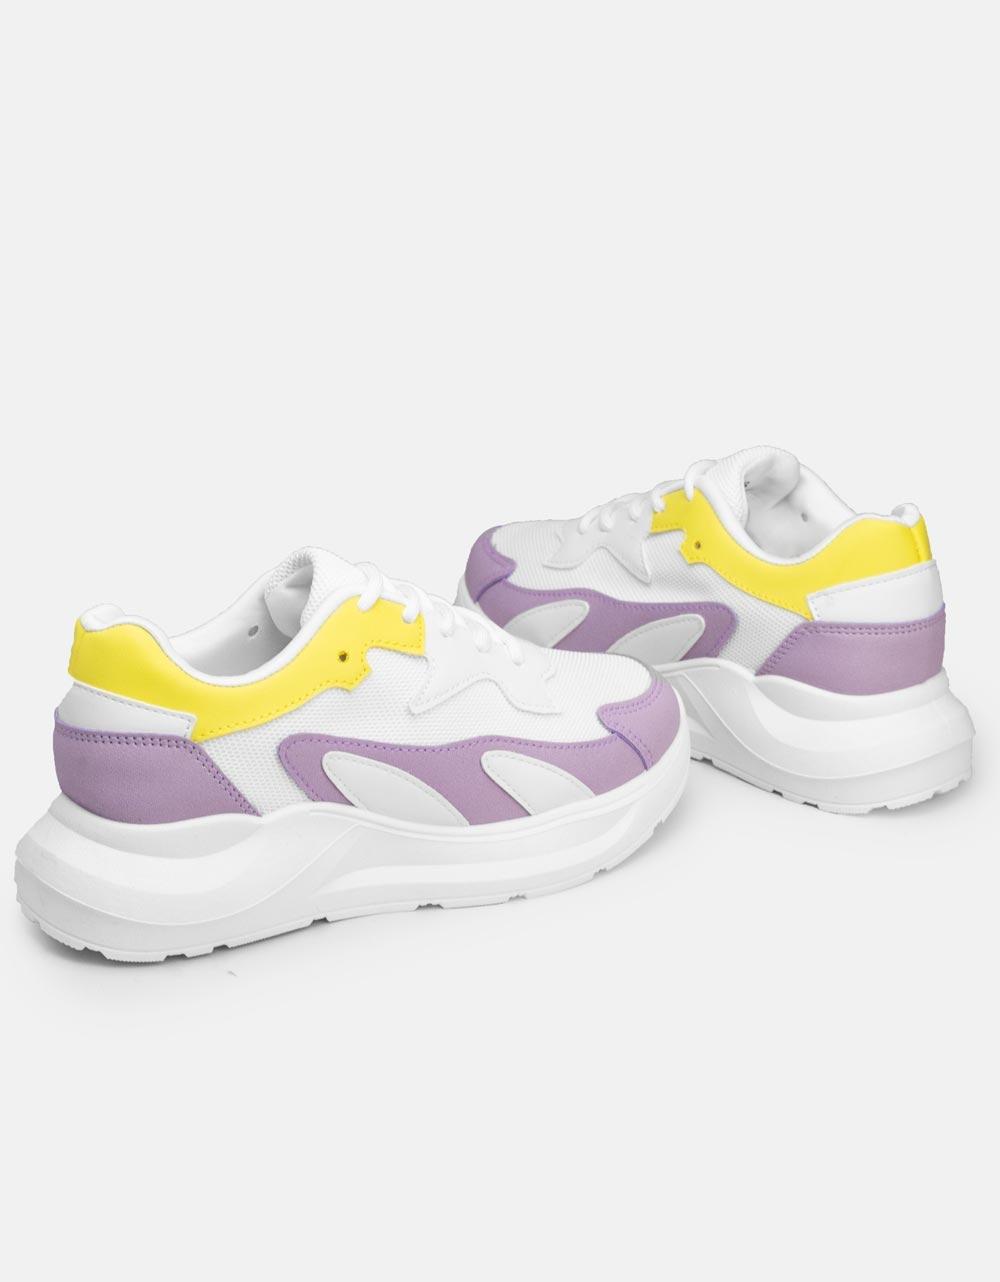 Εικόνα από Γυναικεία sneakers σε συνδυασμούς υλικών Λευκό/Μωβ